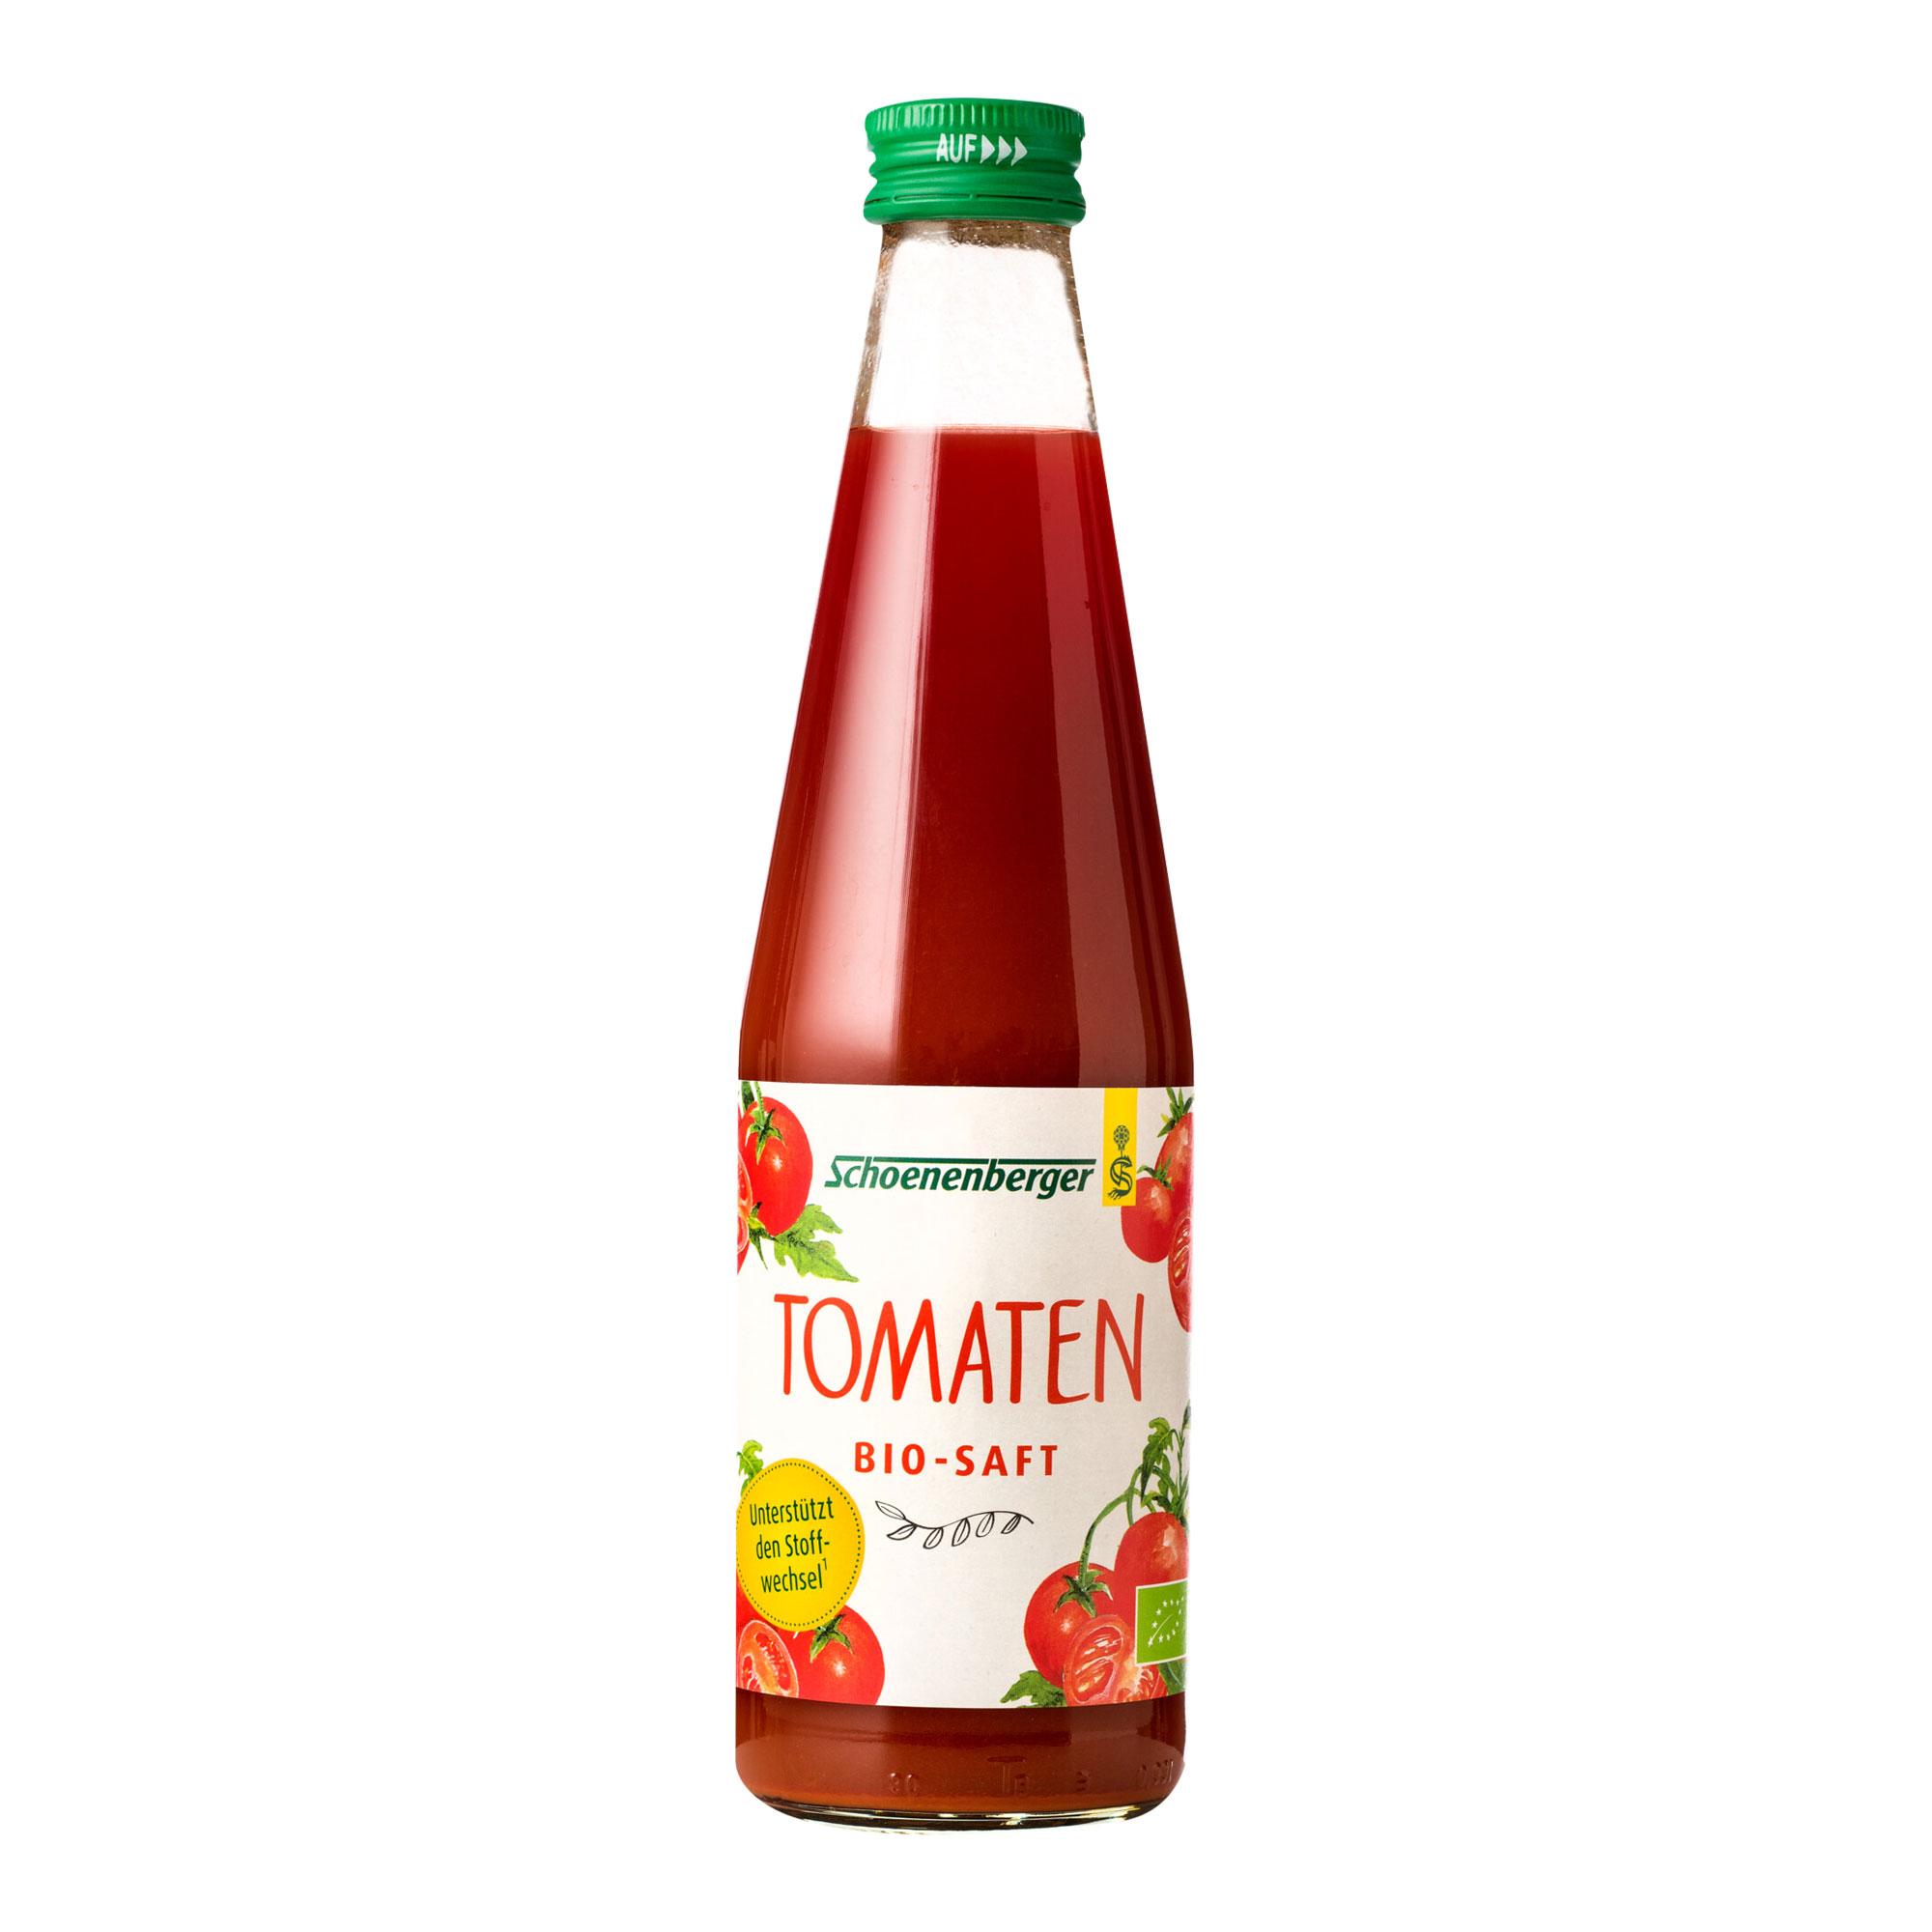 Tomaten Saft Bio Schoenenberger